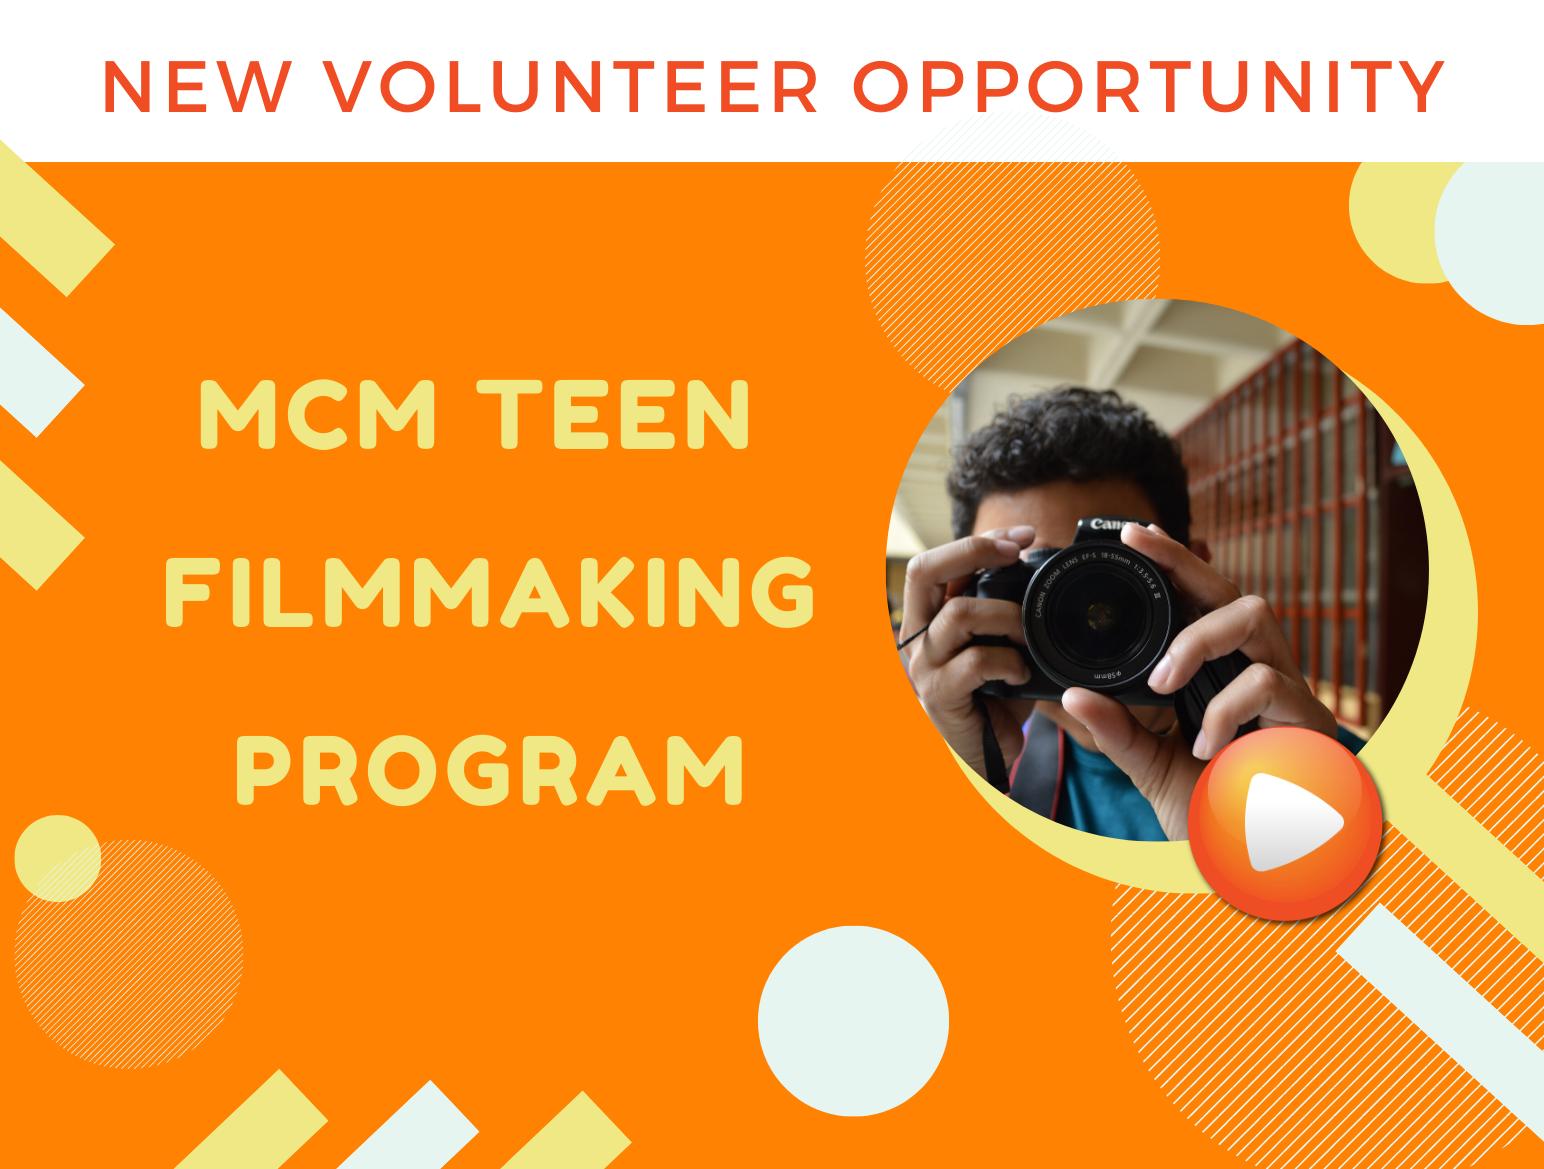 MCM Teen Filmmaking Volunteer Program